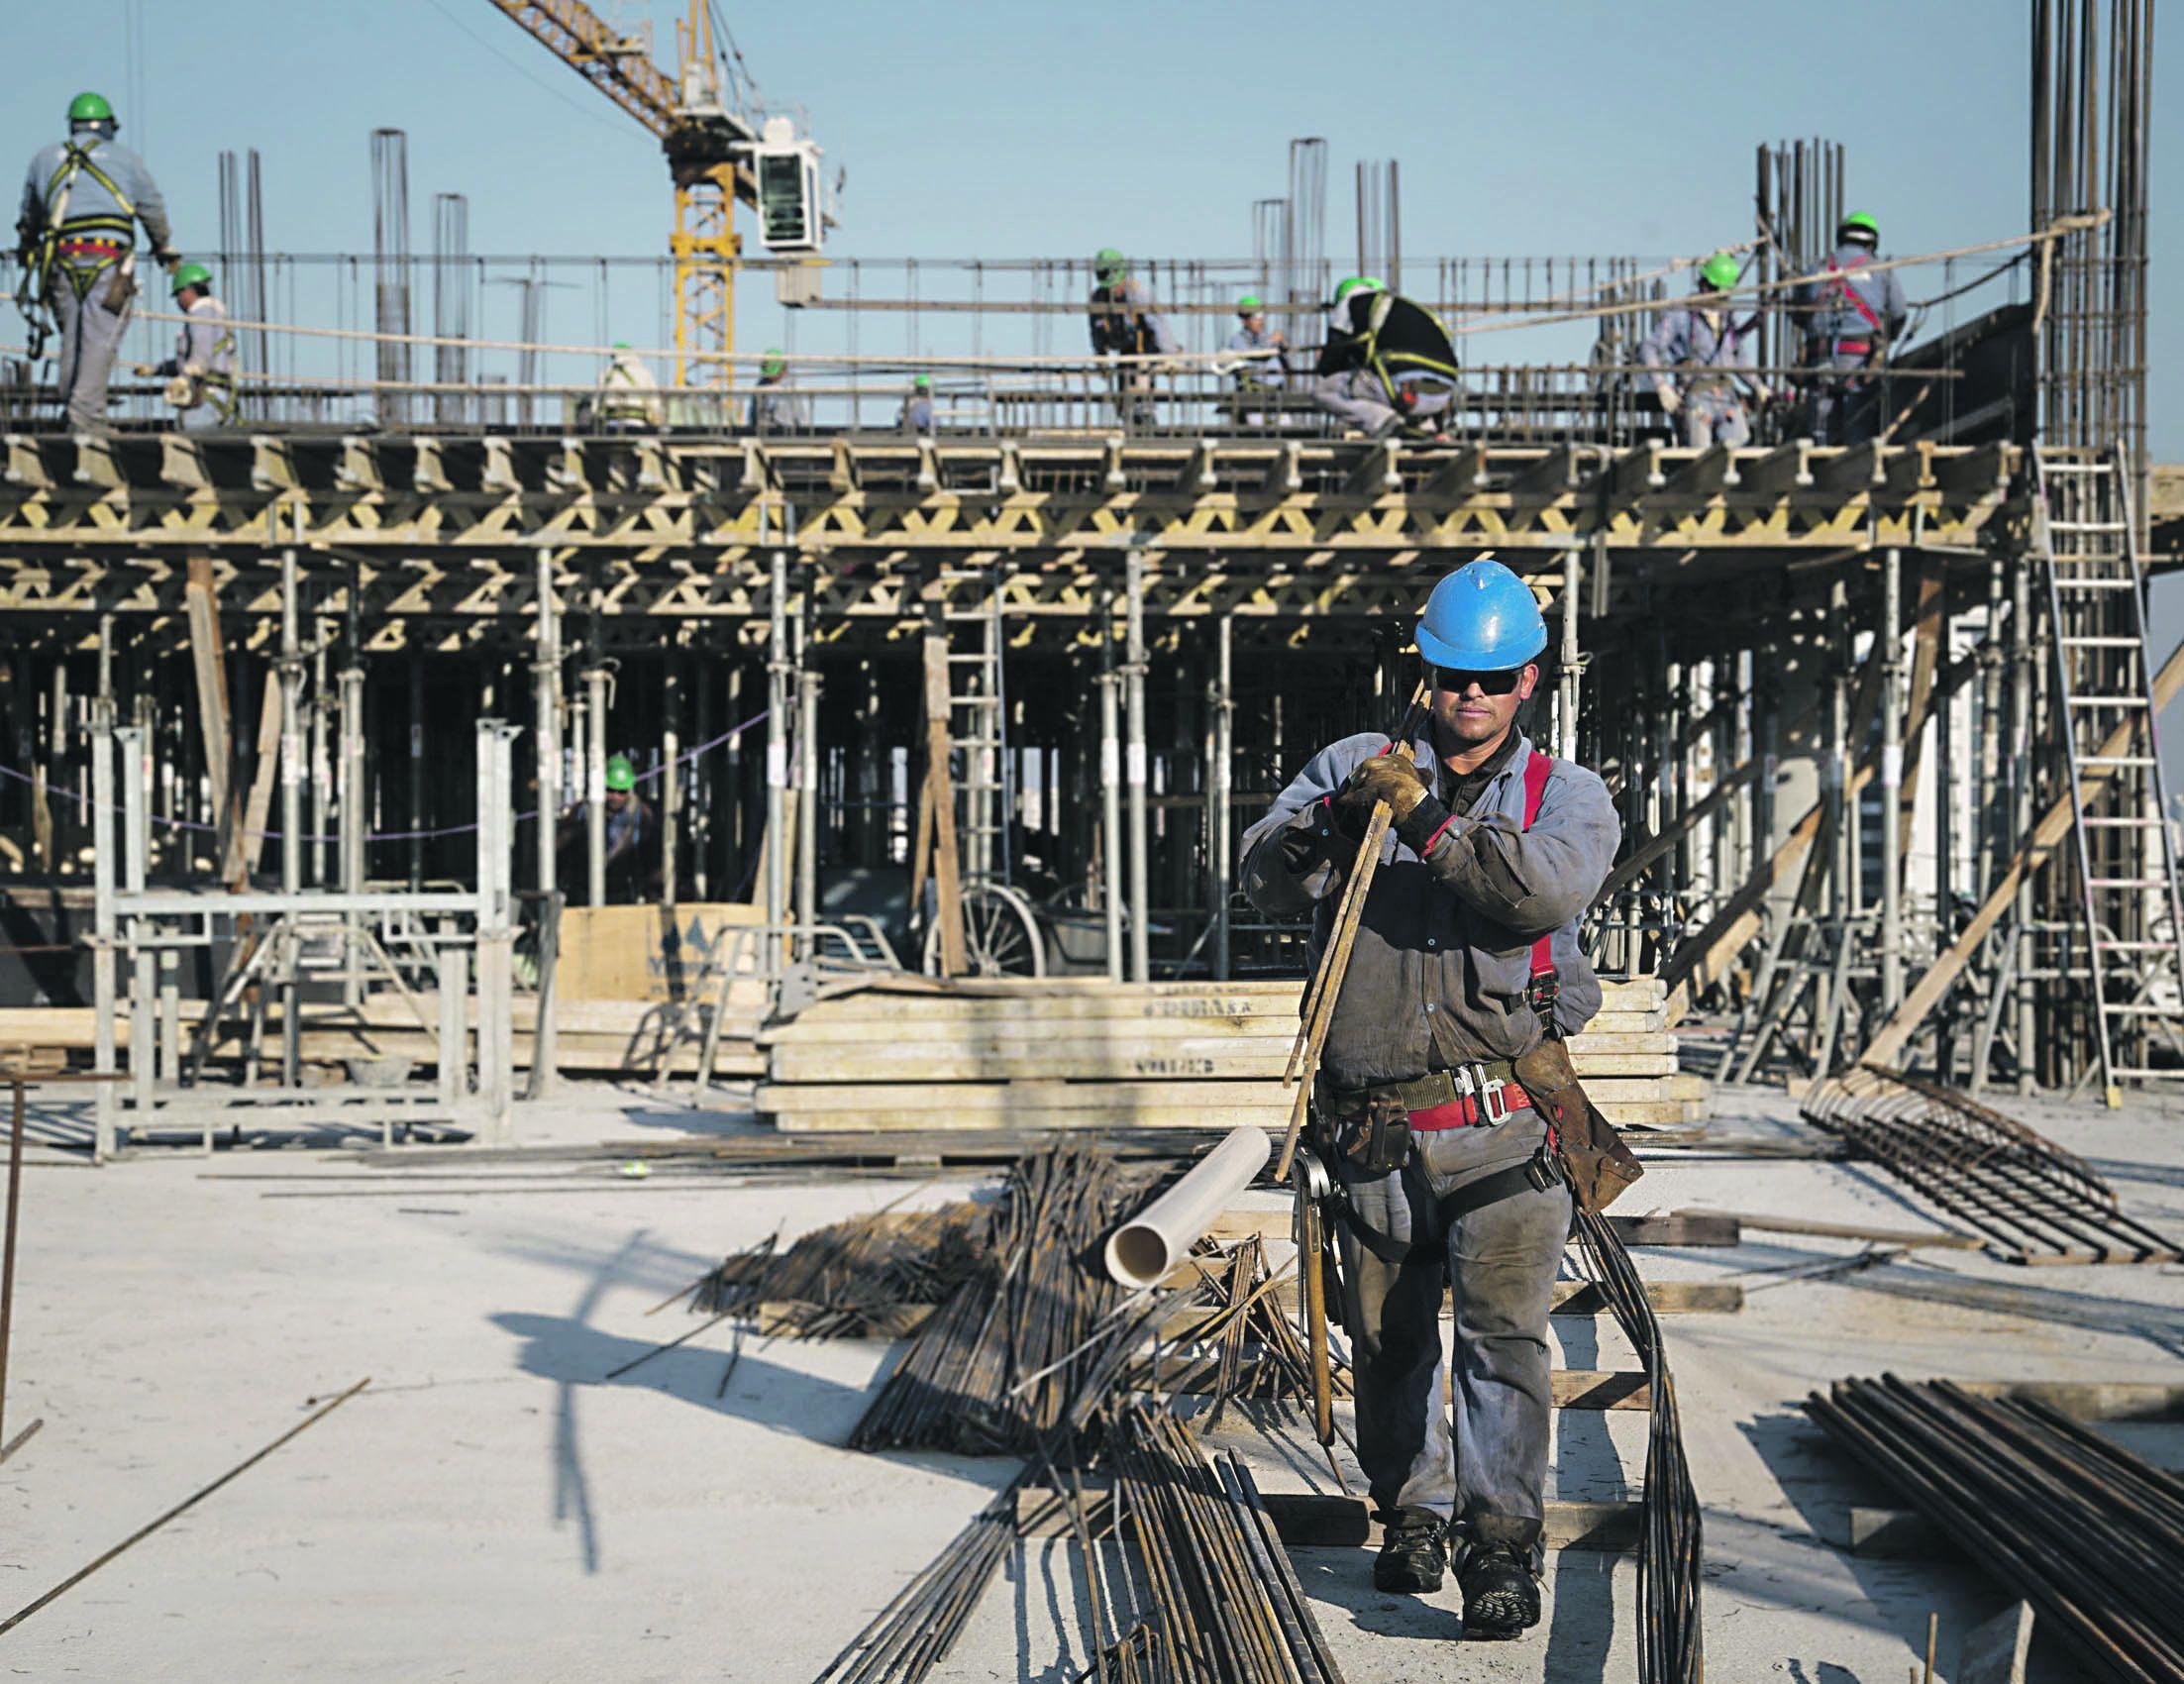 Construcción. Hay muchísimos proyectos inmobiliarios llevándose a cabo en la Ciudad de Buenos Aires. Por el difícil acceso a la vivienda, muchos apuestan a las obras en construcción.